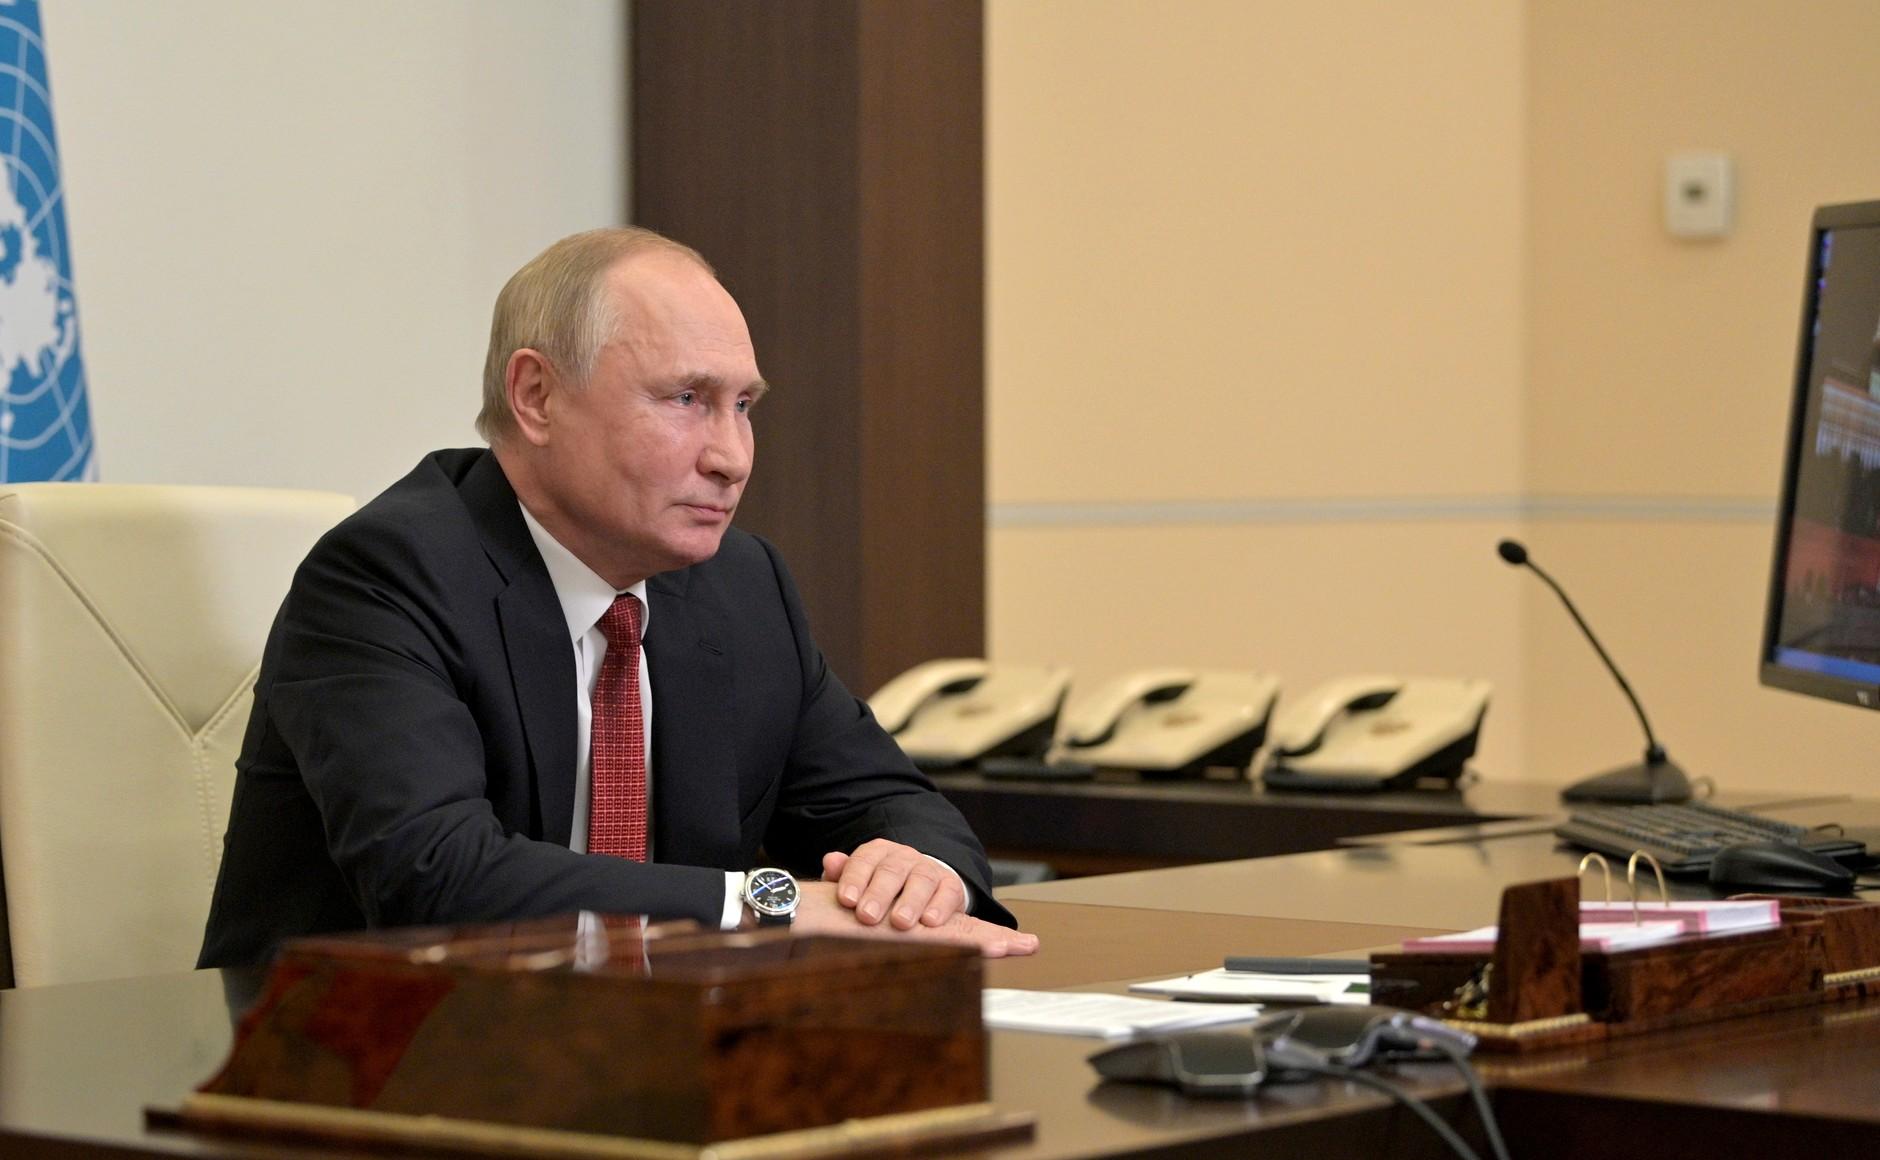 Путин ответил на вопрос о намерении вновь баллотироваться в президенты